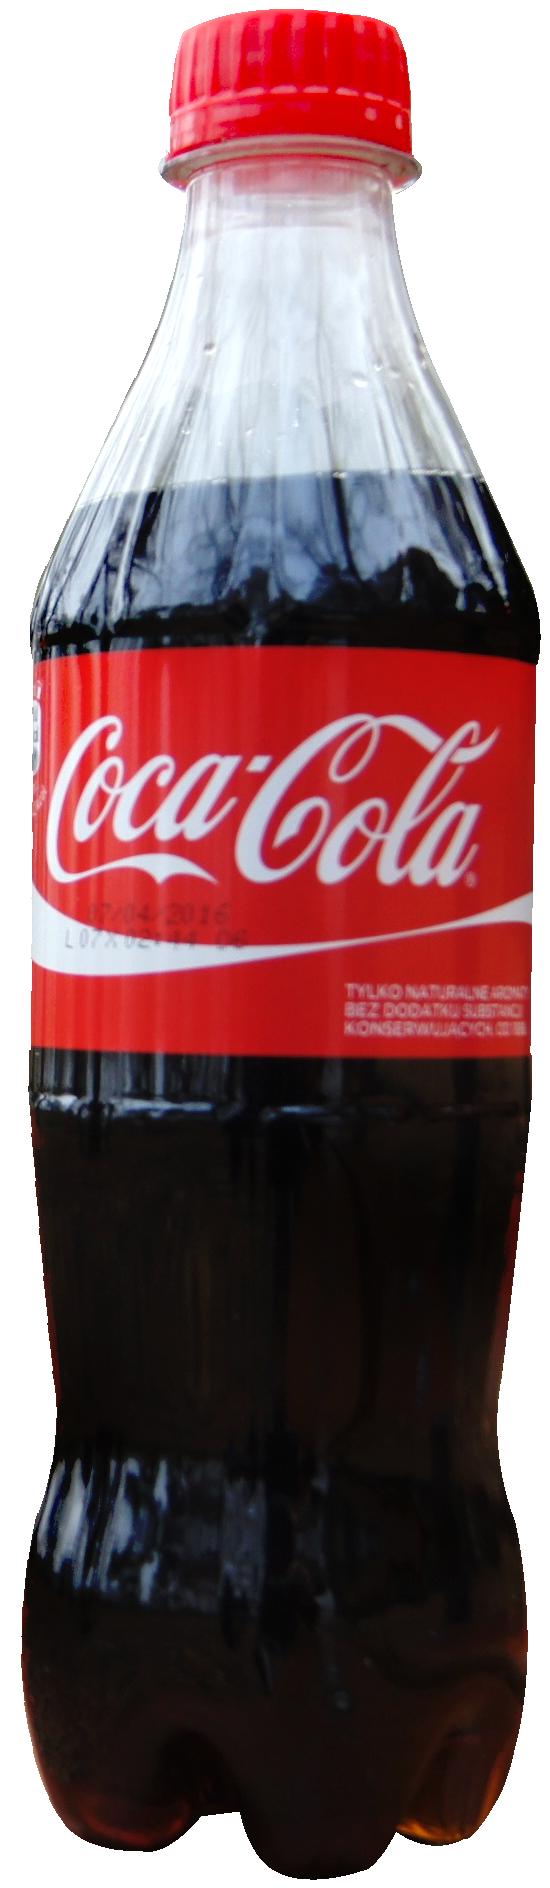 Coca Cola PNG Transparent Coca Cola.PNG Images..